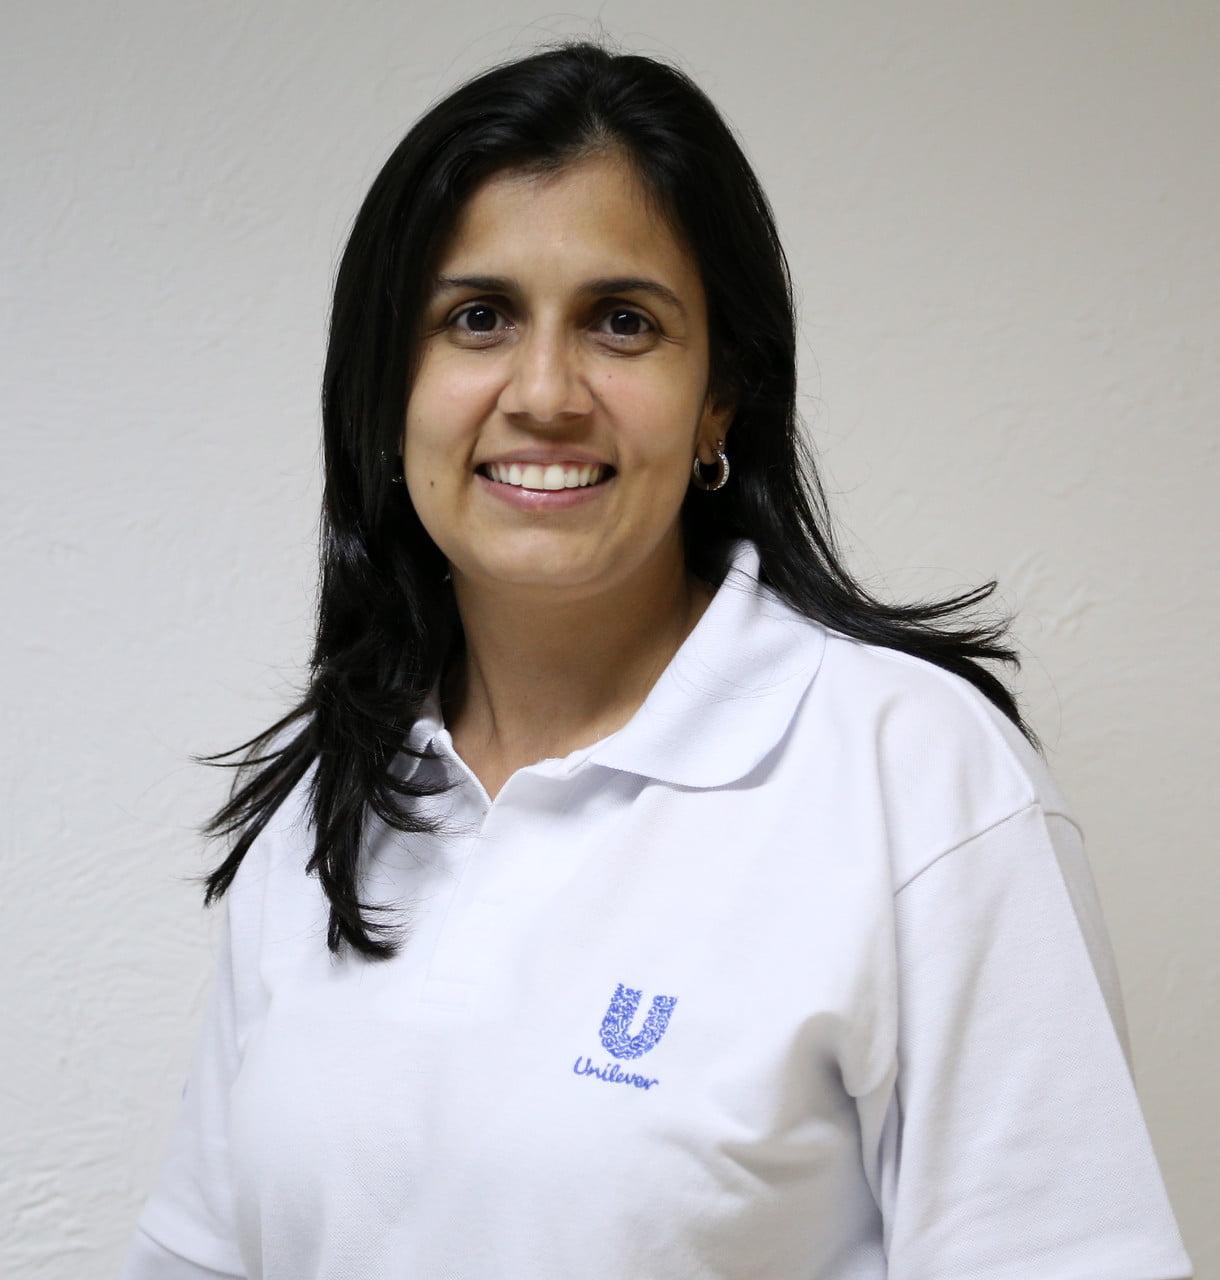 Tatiana Aquino | Gerente de Serviços de RH